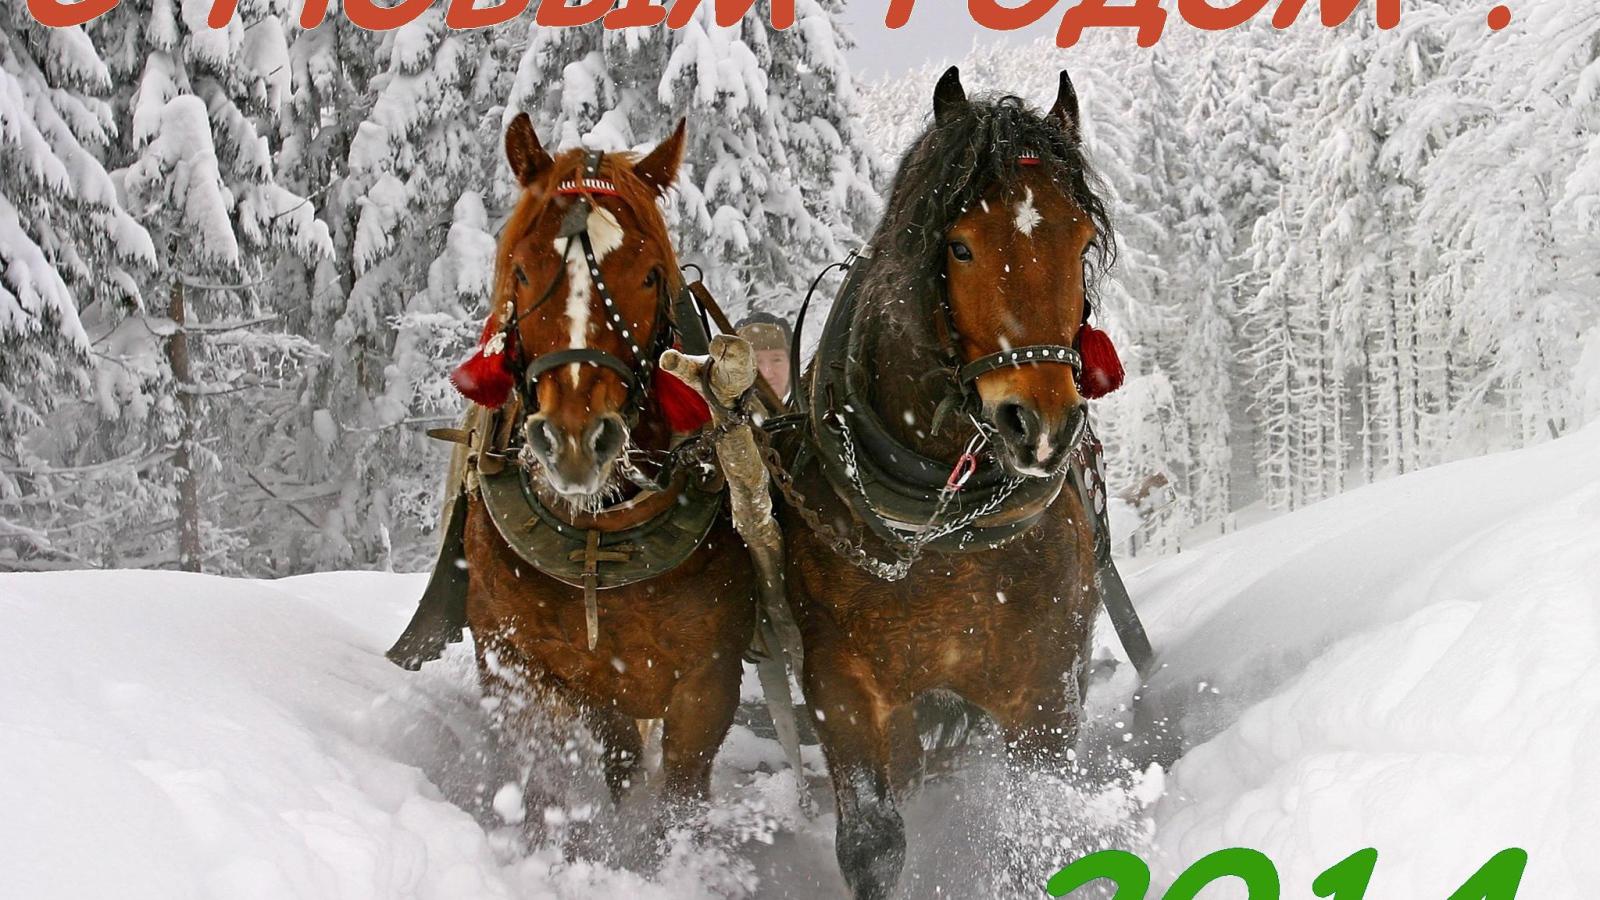 зимняя лошадь обои на рабочий стол № 511087 бесплатно